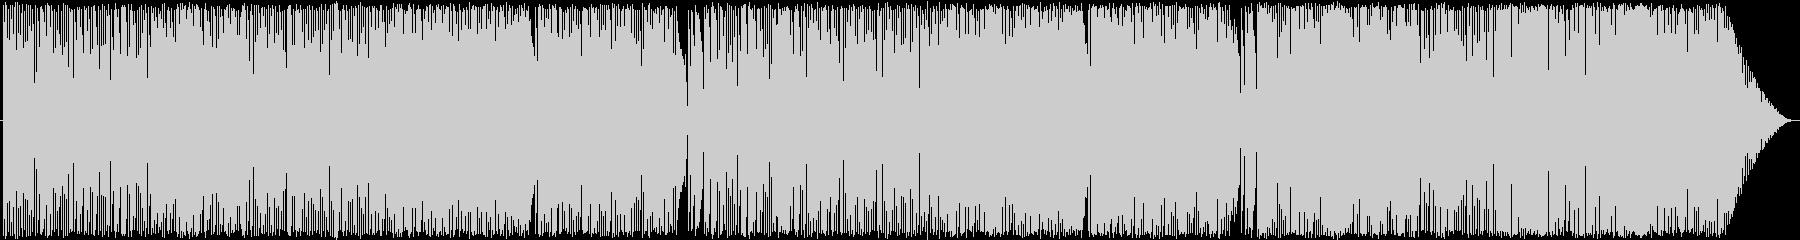 バーっぽいジャズの未再生の波形